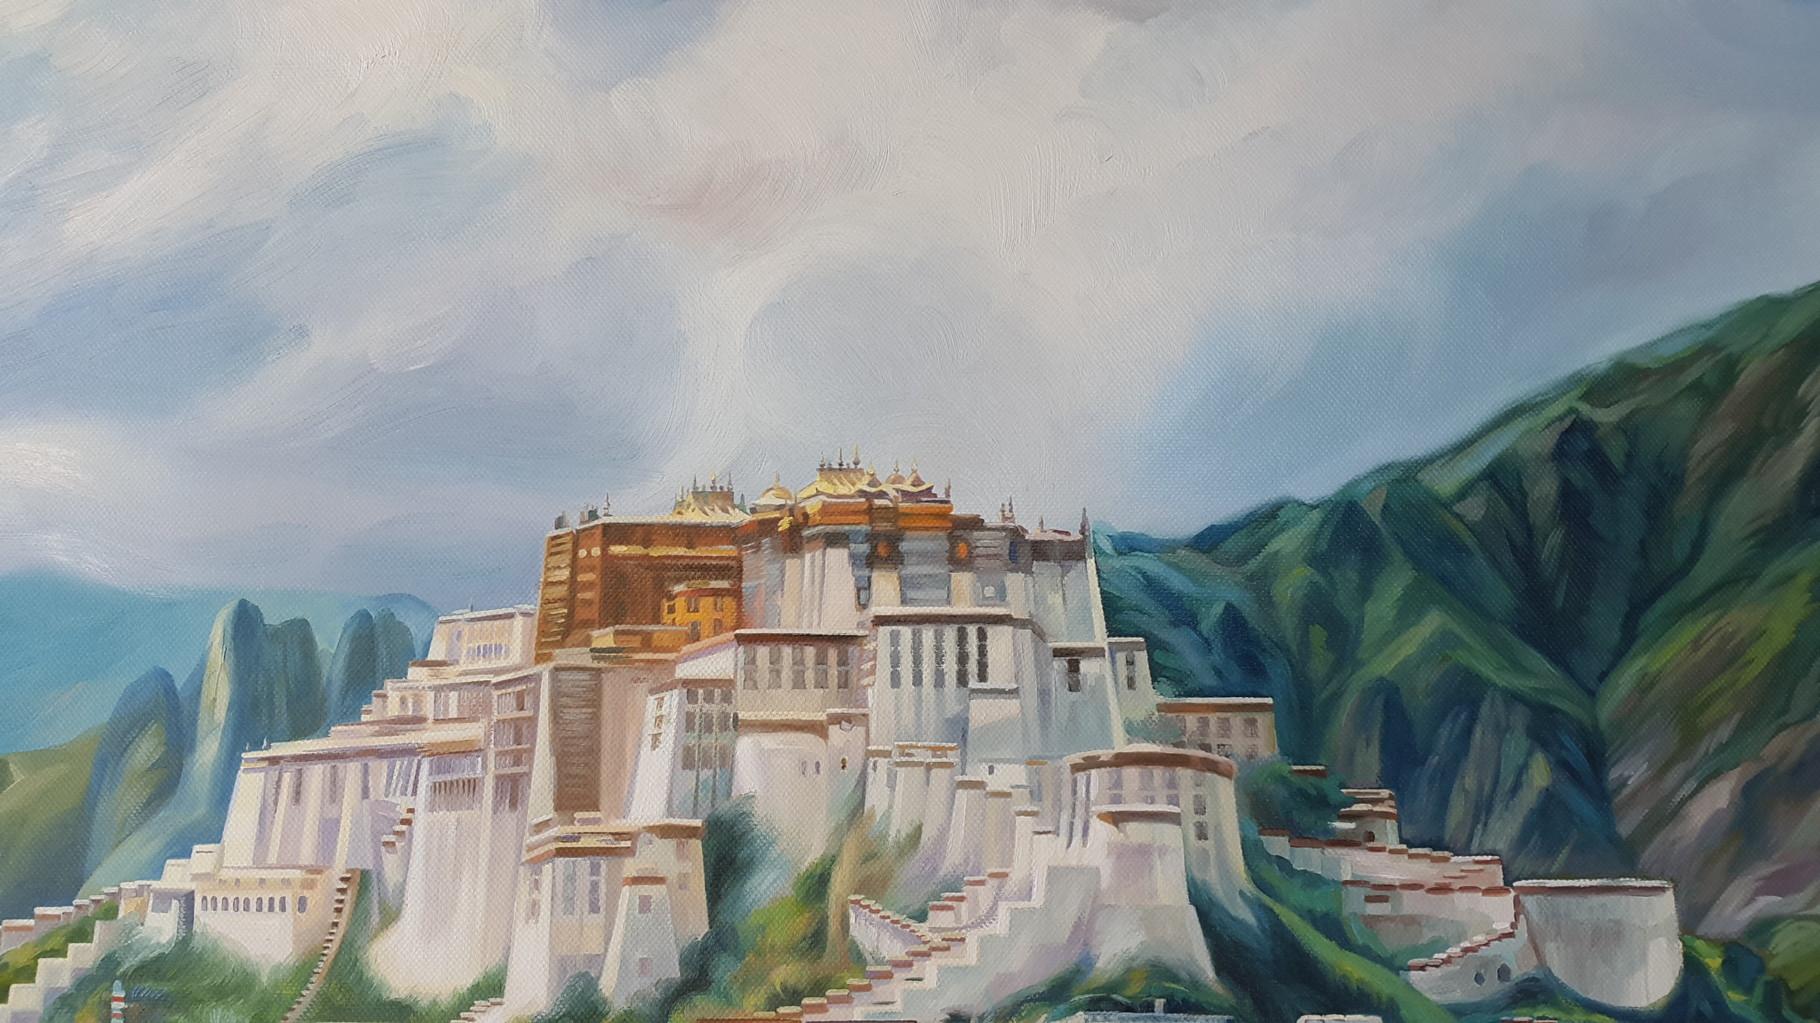 Potala-Palast (Ausschnitt), Öl auf Leinwand, 100 x 90 cm